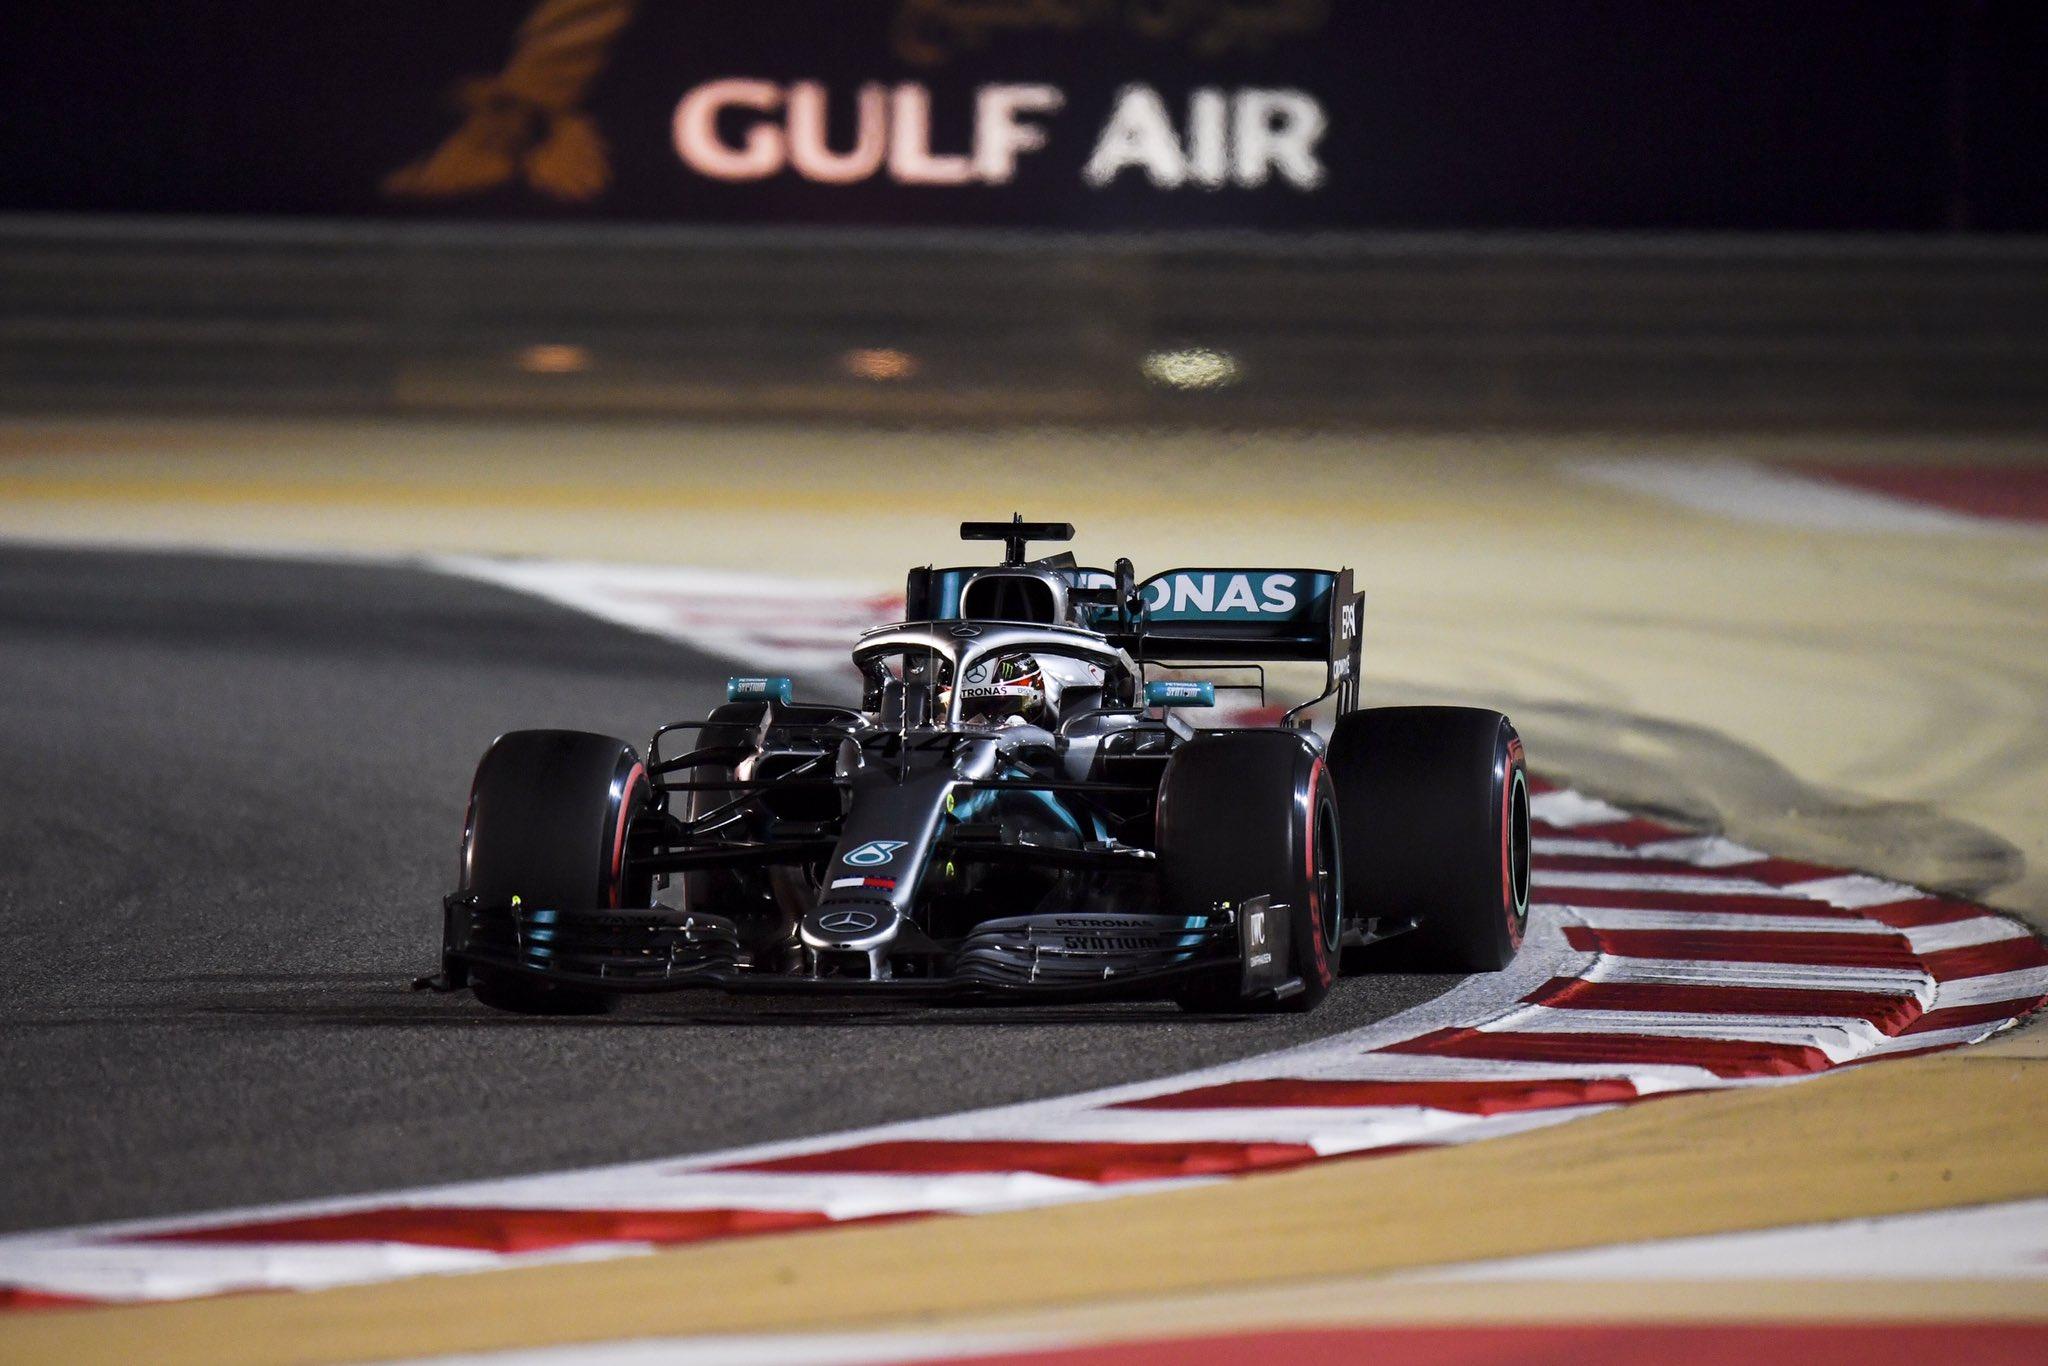 Льюис Хэмилтон - победитель гран-при Бахрейна 2019 года